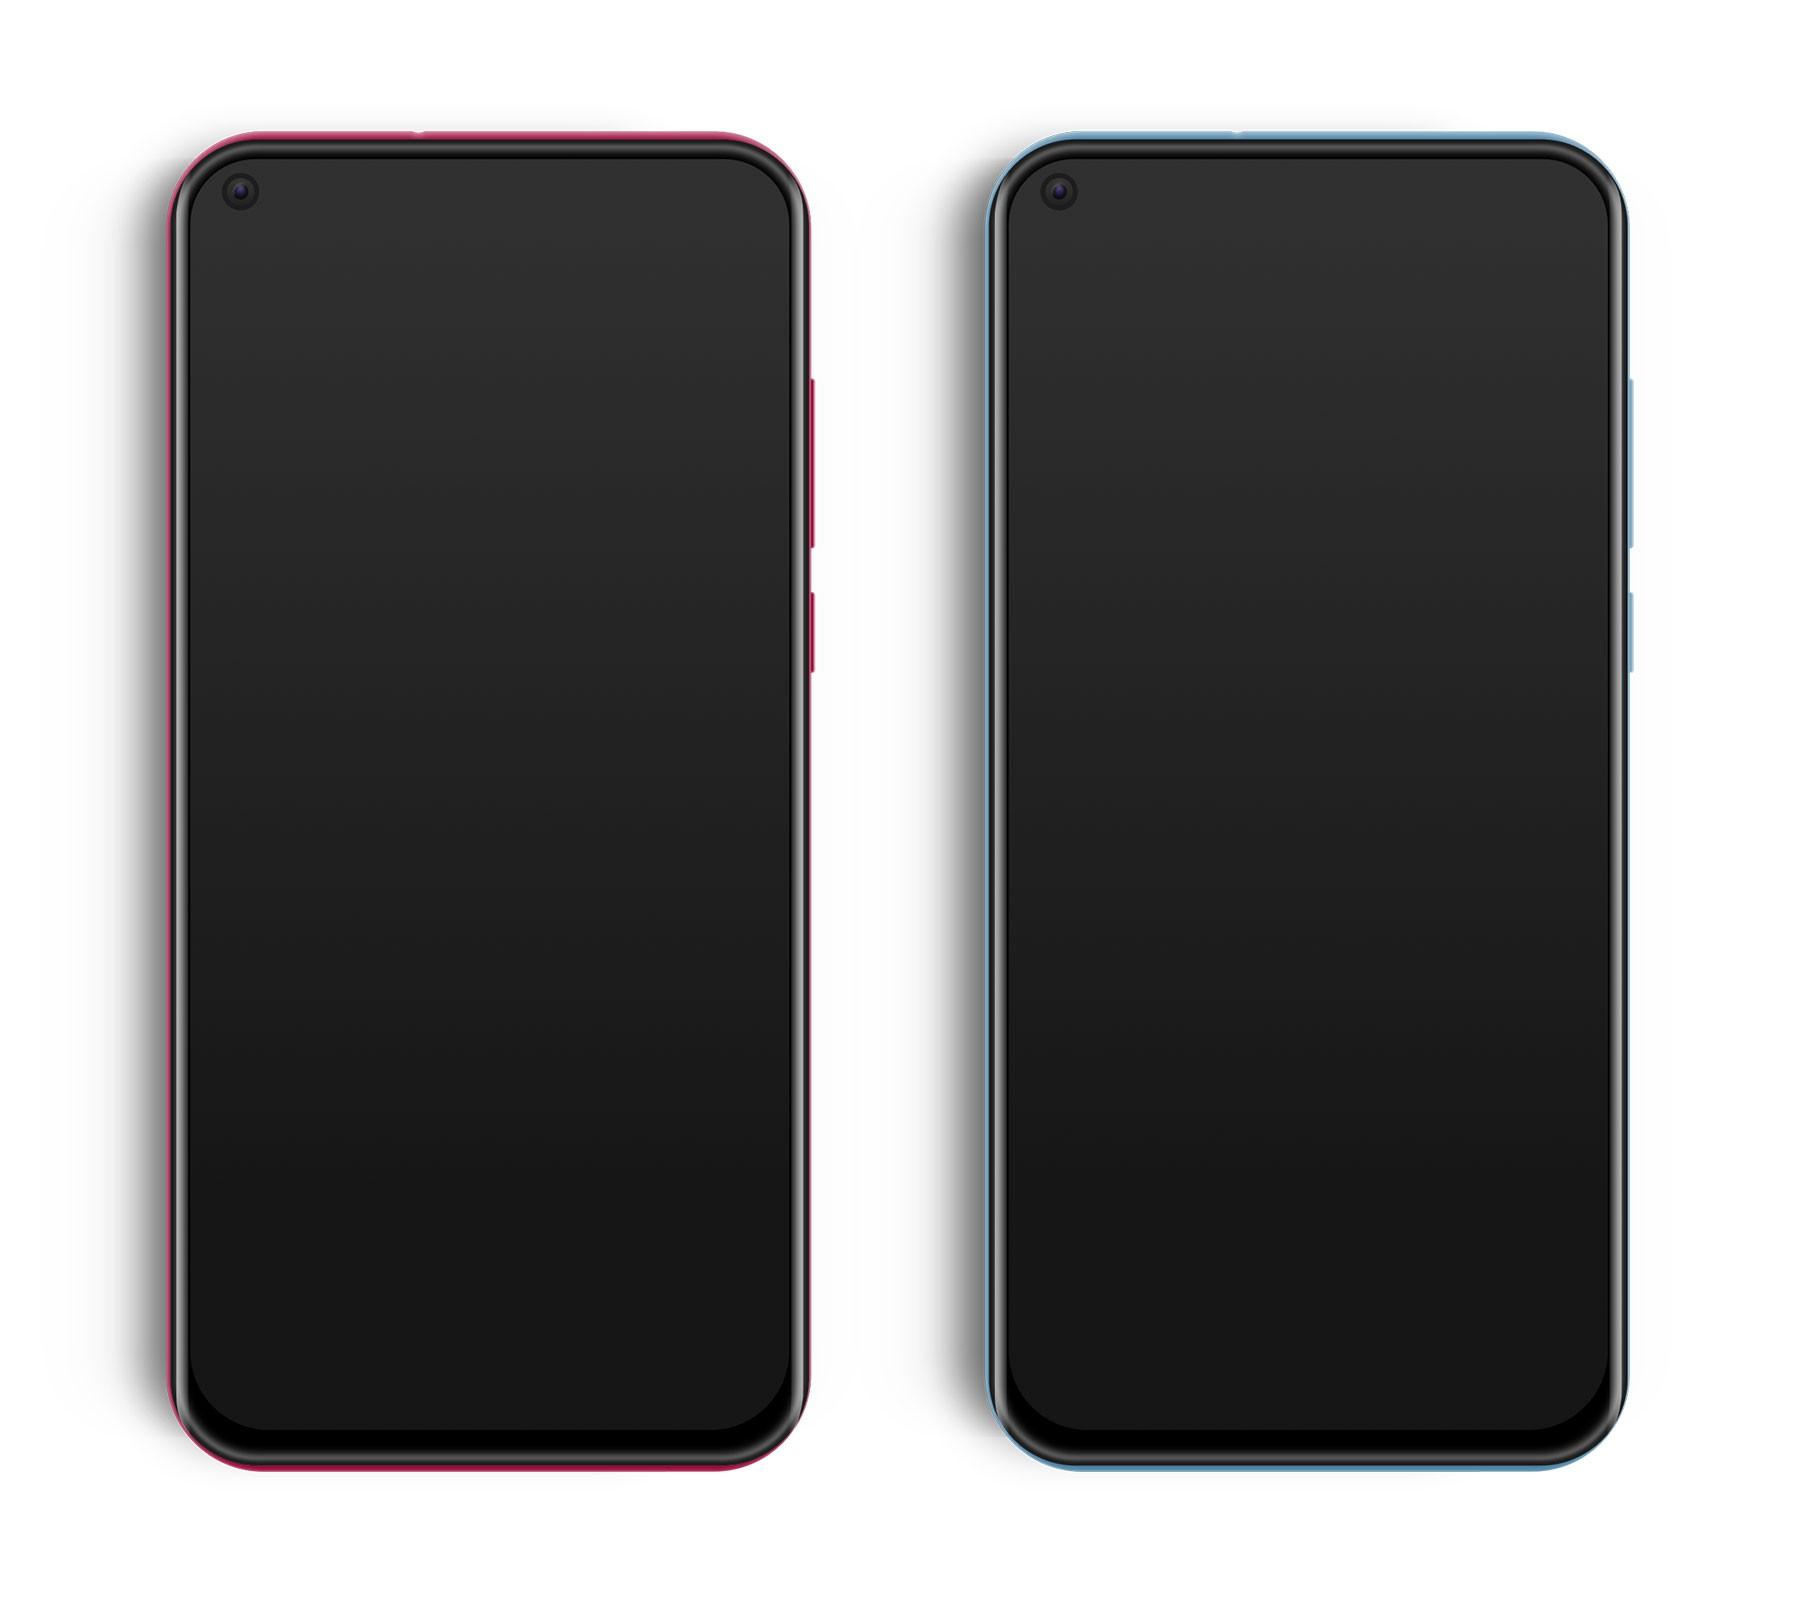 华为 nova 4 手机模型,手机UI资源下载,sketch源文件